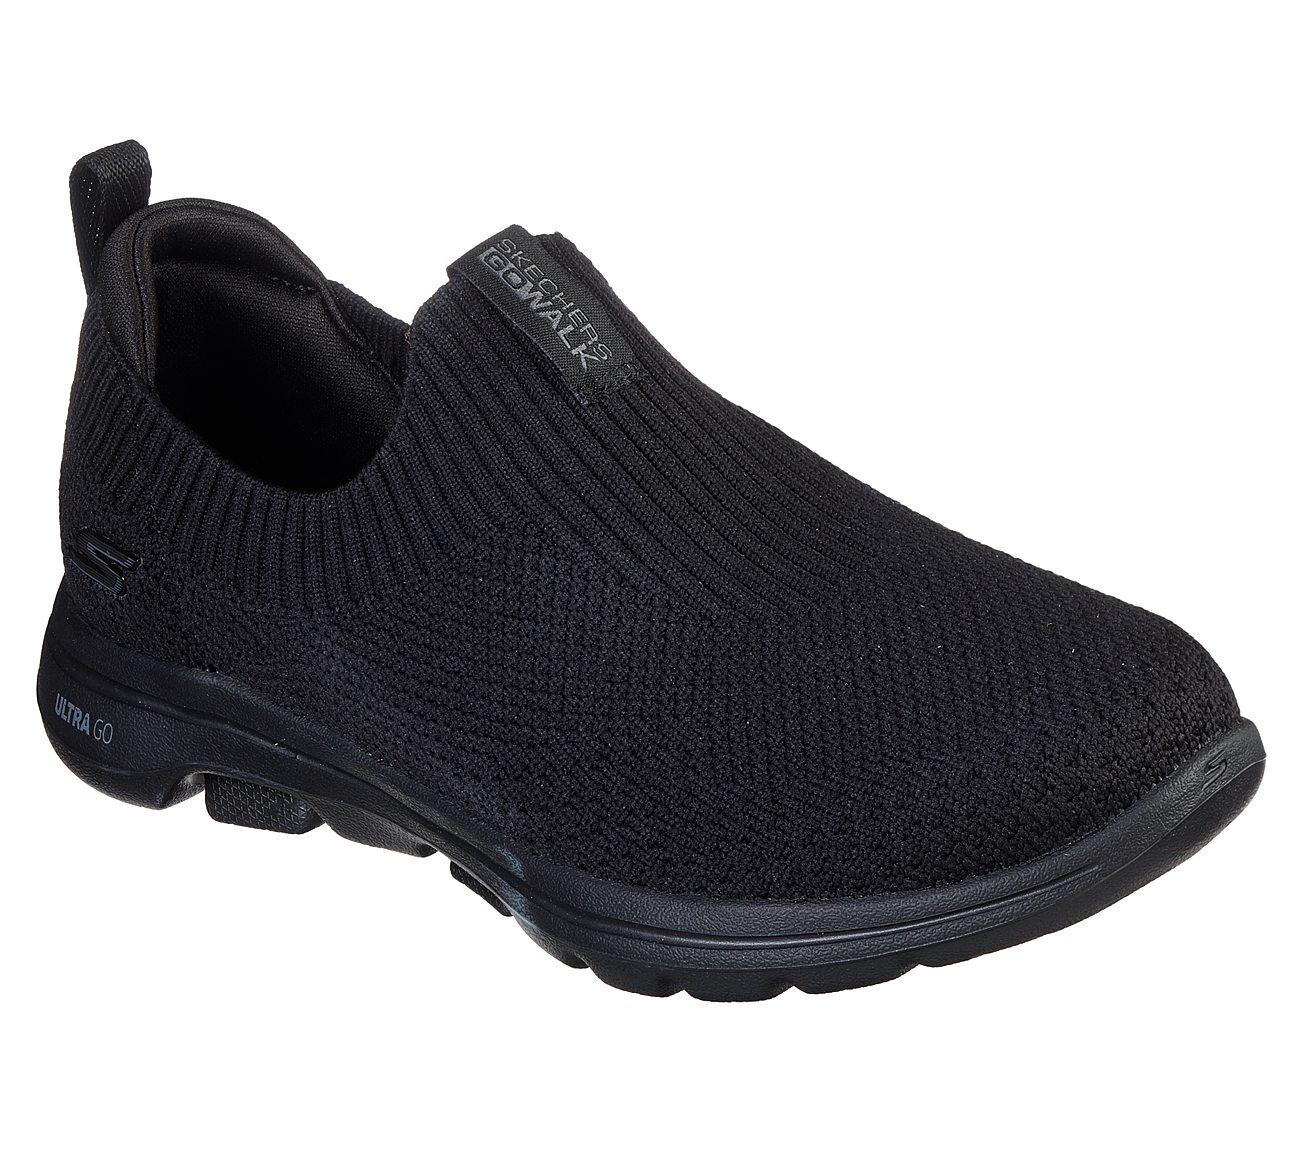 calcio Relacionado Gallina  Buy SKECHERS Skechers GOwalk 5 - Trendy Skechers Performance Shoes